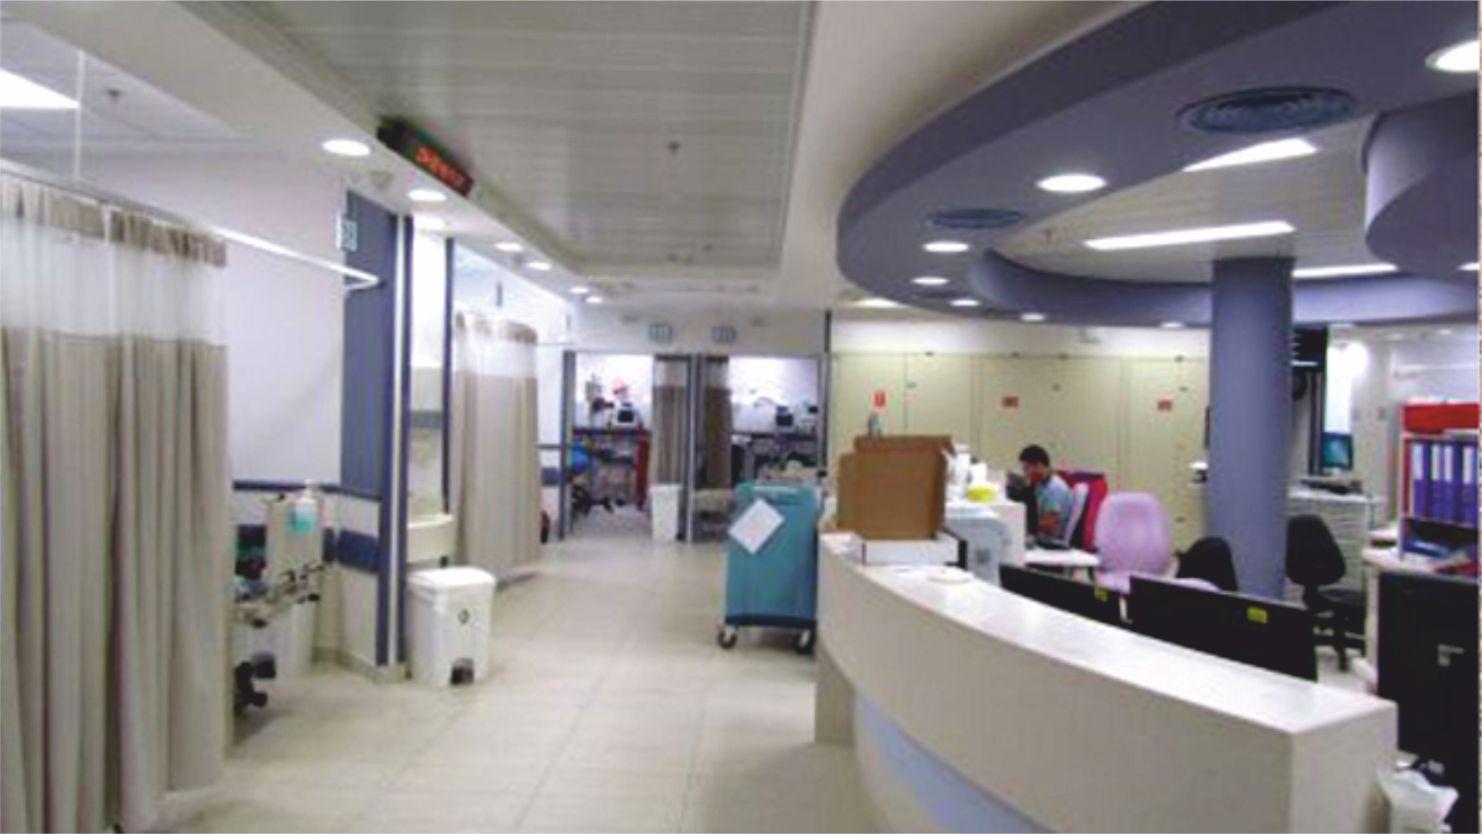 בית חולים יוספטל בין העסוקים בארץ